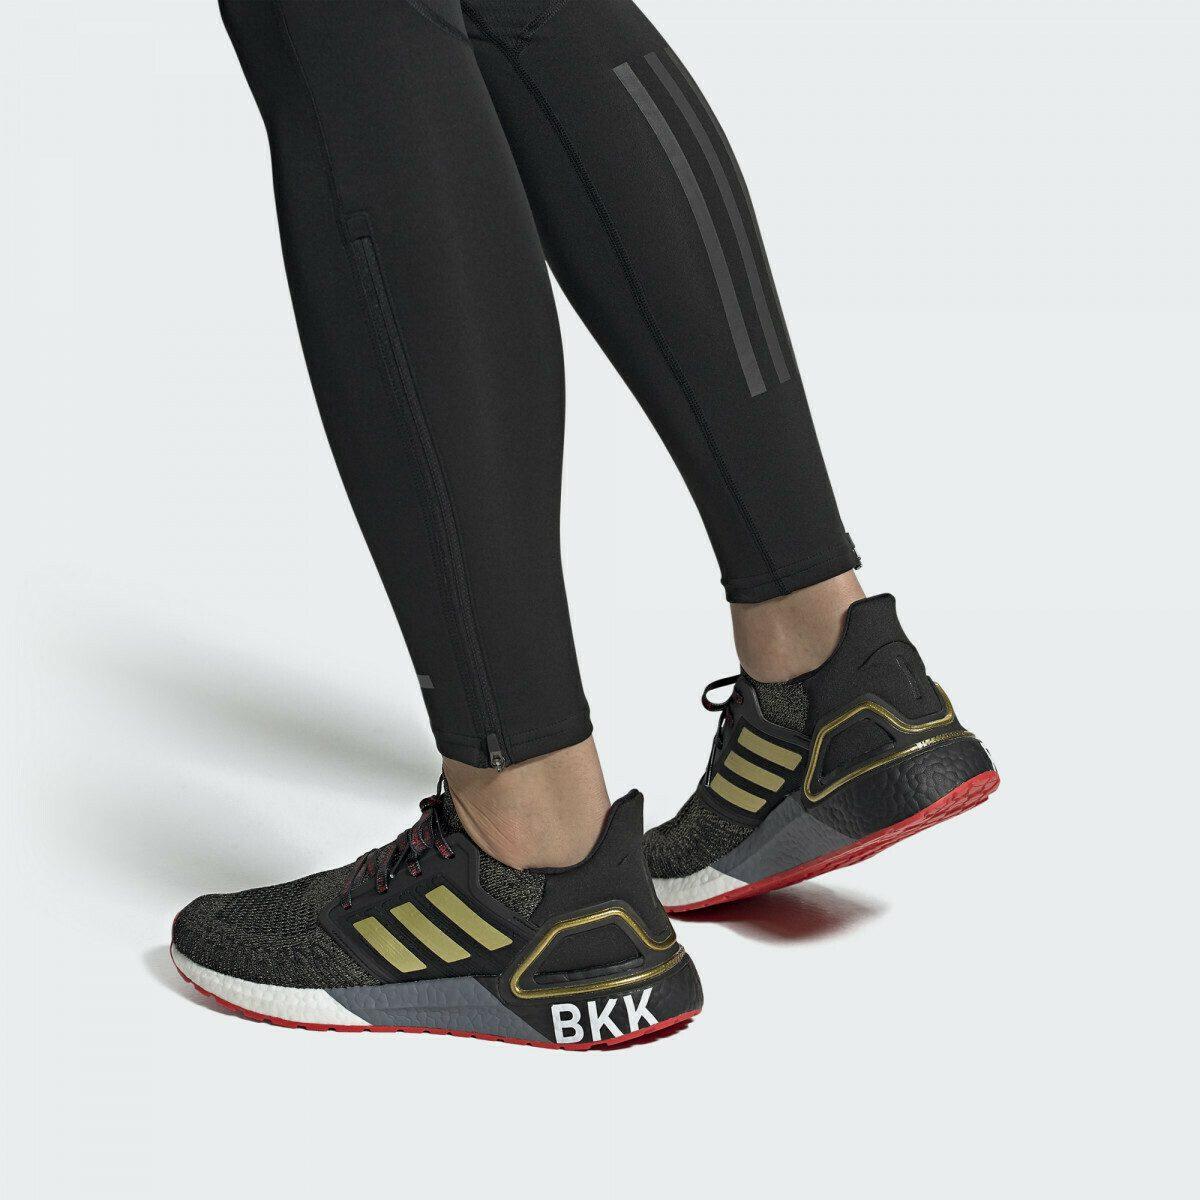 Adidas Ultra Boost 20 Bangkok